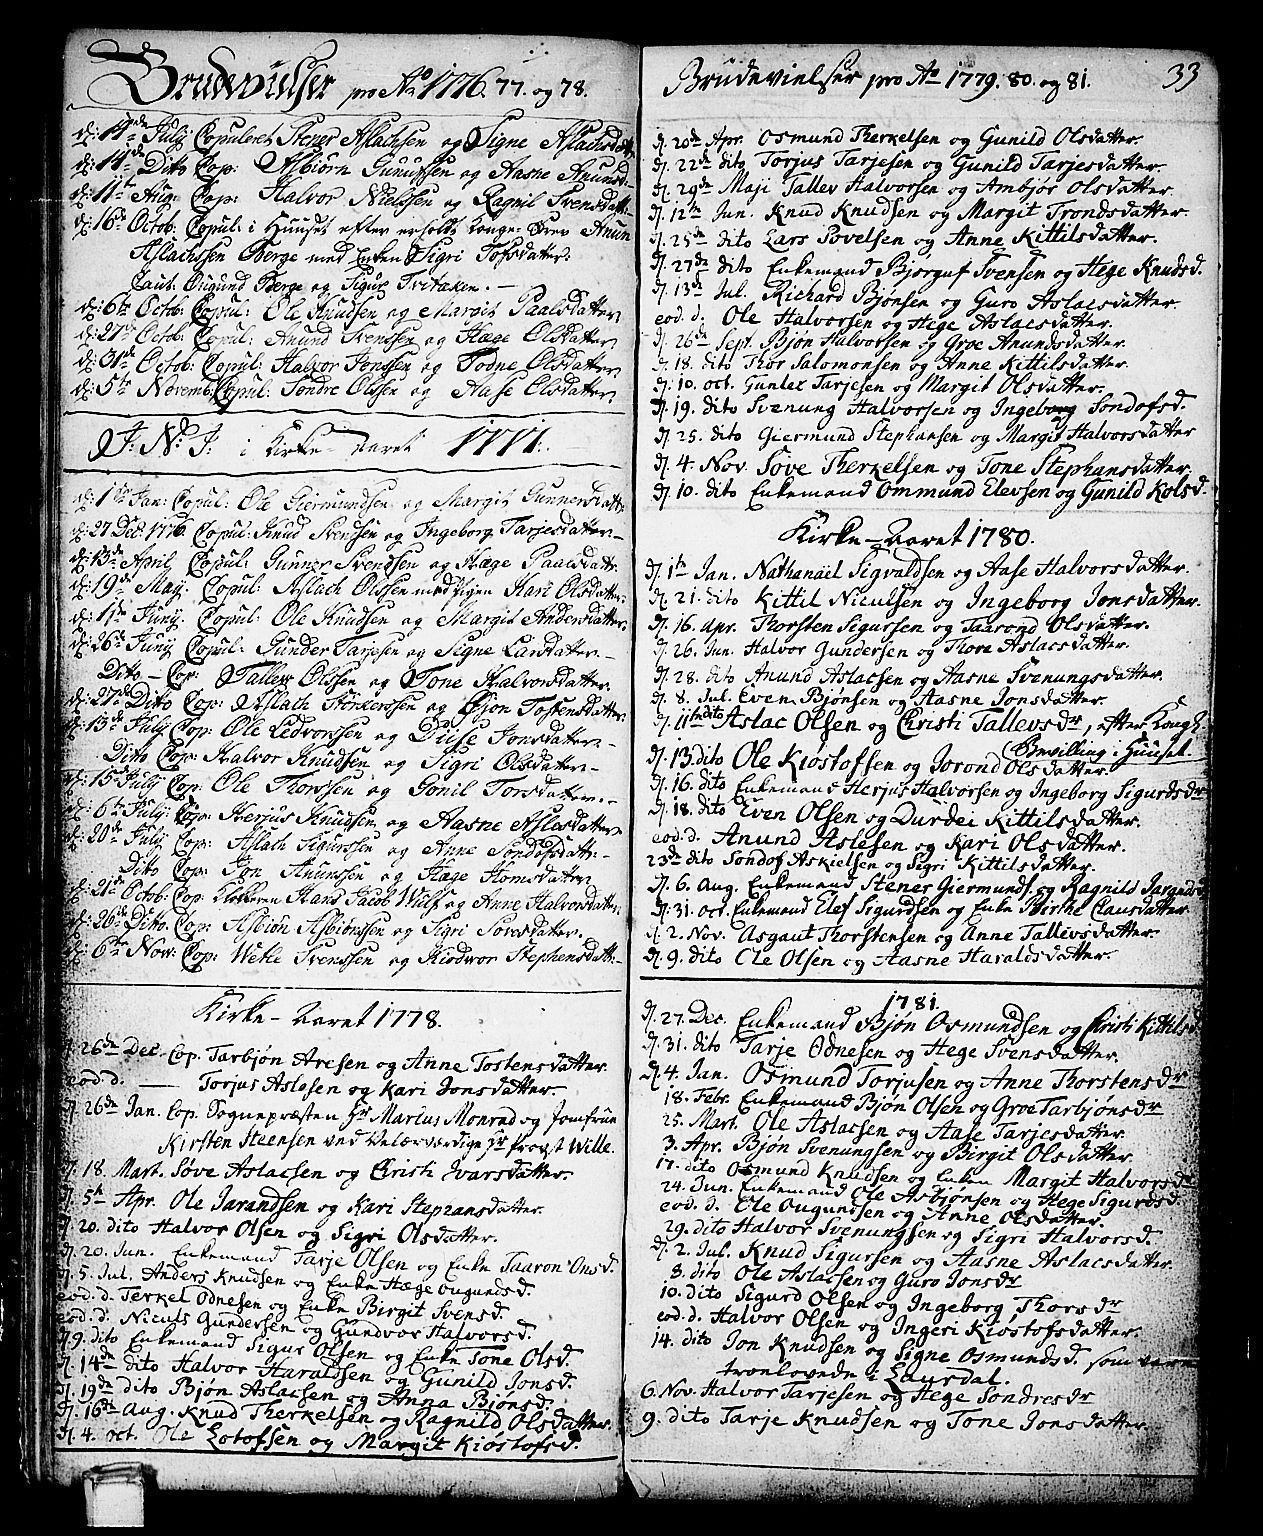 SAKO, Vinje kirkebøker, F/Fa/L0002: Ministerialbok nr. I 2, 1767-1814, s. 33